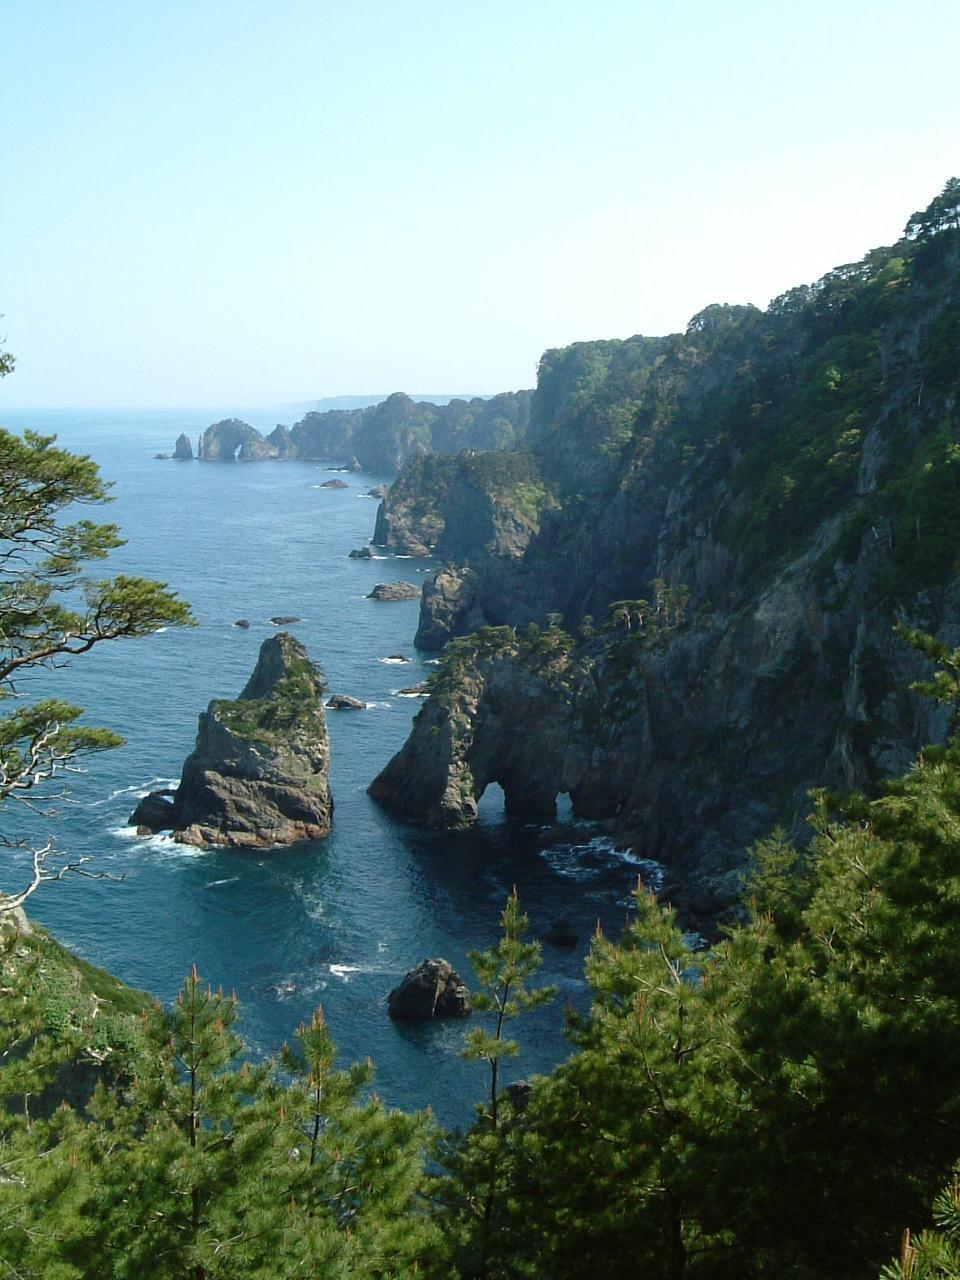 北山崎 今日は、大将に誘われて風水上、方角の良い北方面の 『北山崎』へ行ってき... 碁石だより